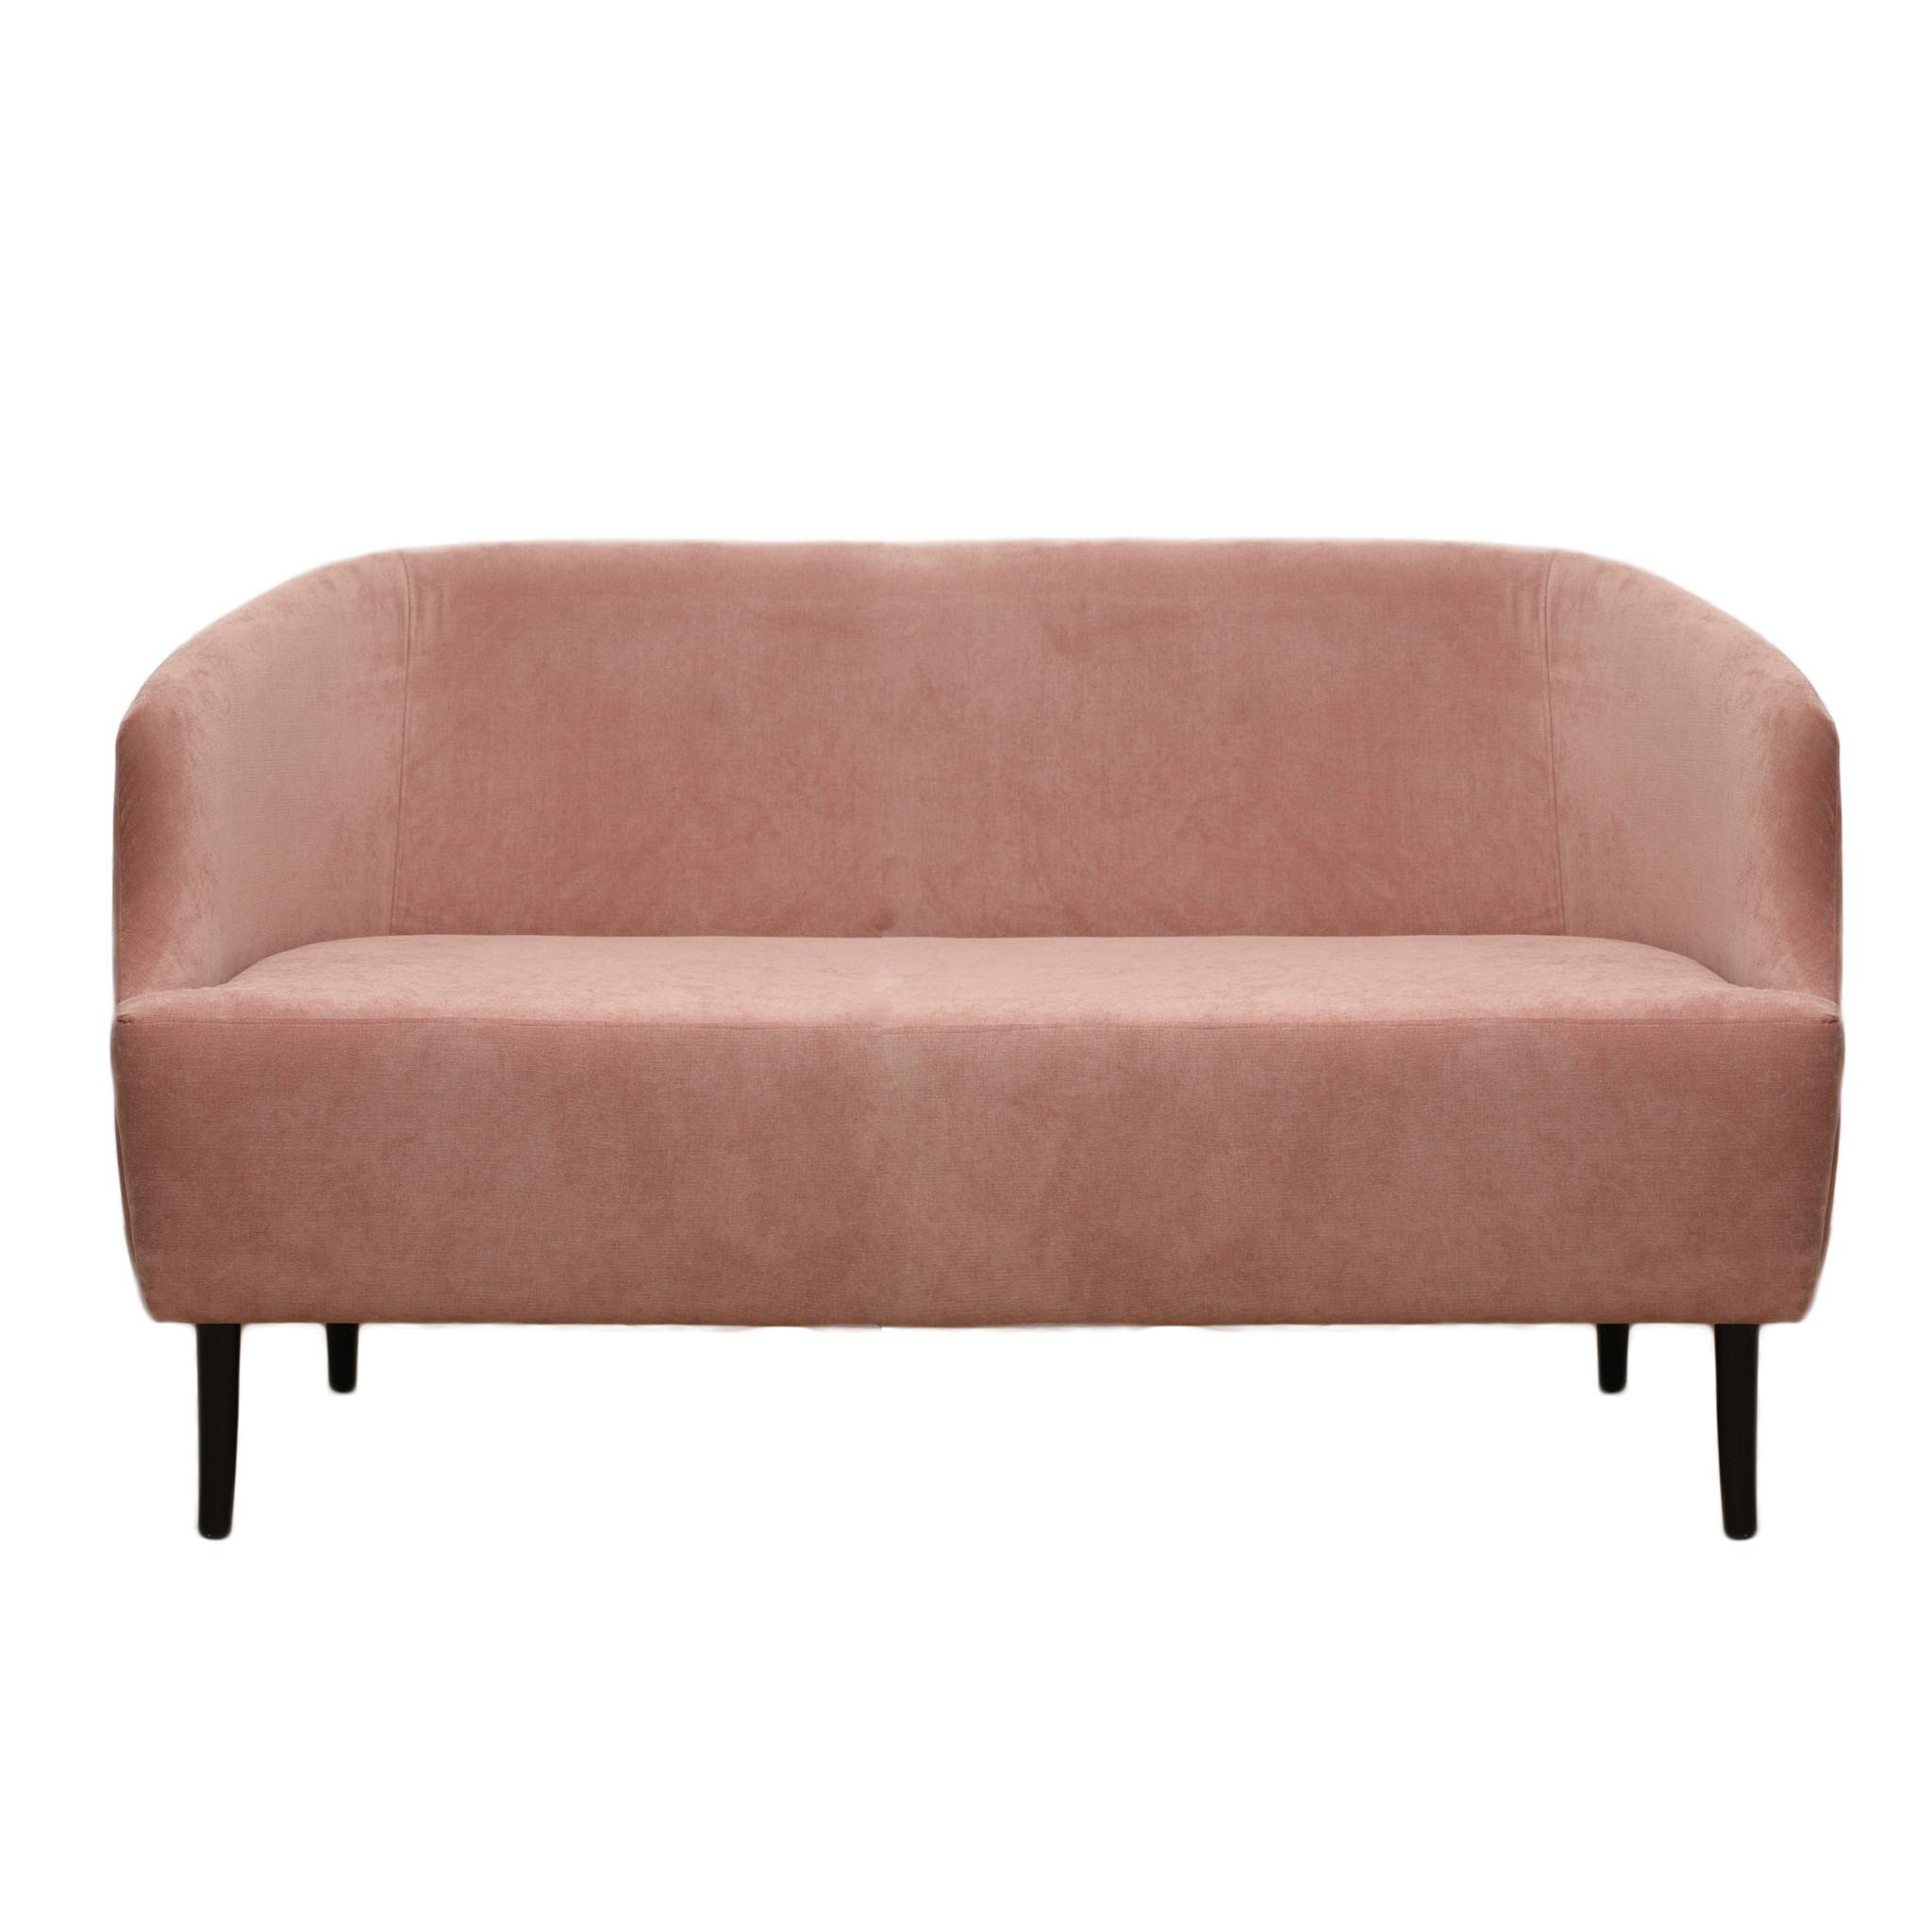 Диван LuxДвухместные диваны<br>Каркасный  диван оригинального дизайна станет не только выделяющимся, но и комфортным акцентом в вашем интрерьере.  Диван станет незаменимым предметом декора или функциональной мебелью. А эксклюзивные ткани добавят изюминку в ваше пространство.&amp;lt;div&amp;gt;&amp;lt;br&amp;gt;&amp;lt;/div&amp;gt;&amp;lt;div&amp;gt;Цвет: коралловый&amp;lt;/div&amp;gt;<br><br>Material: Текстиль<br>Ширина см: 155.0<br>Высота см: 80.0<br>Глубина см: 70.0